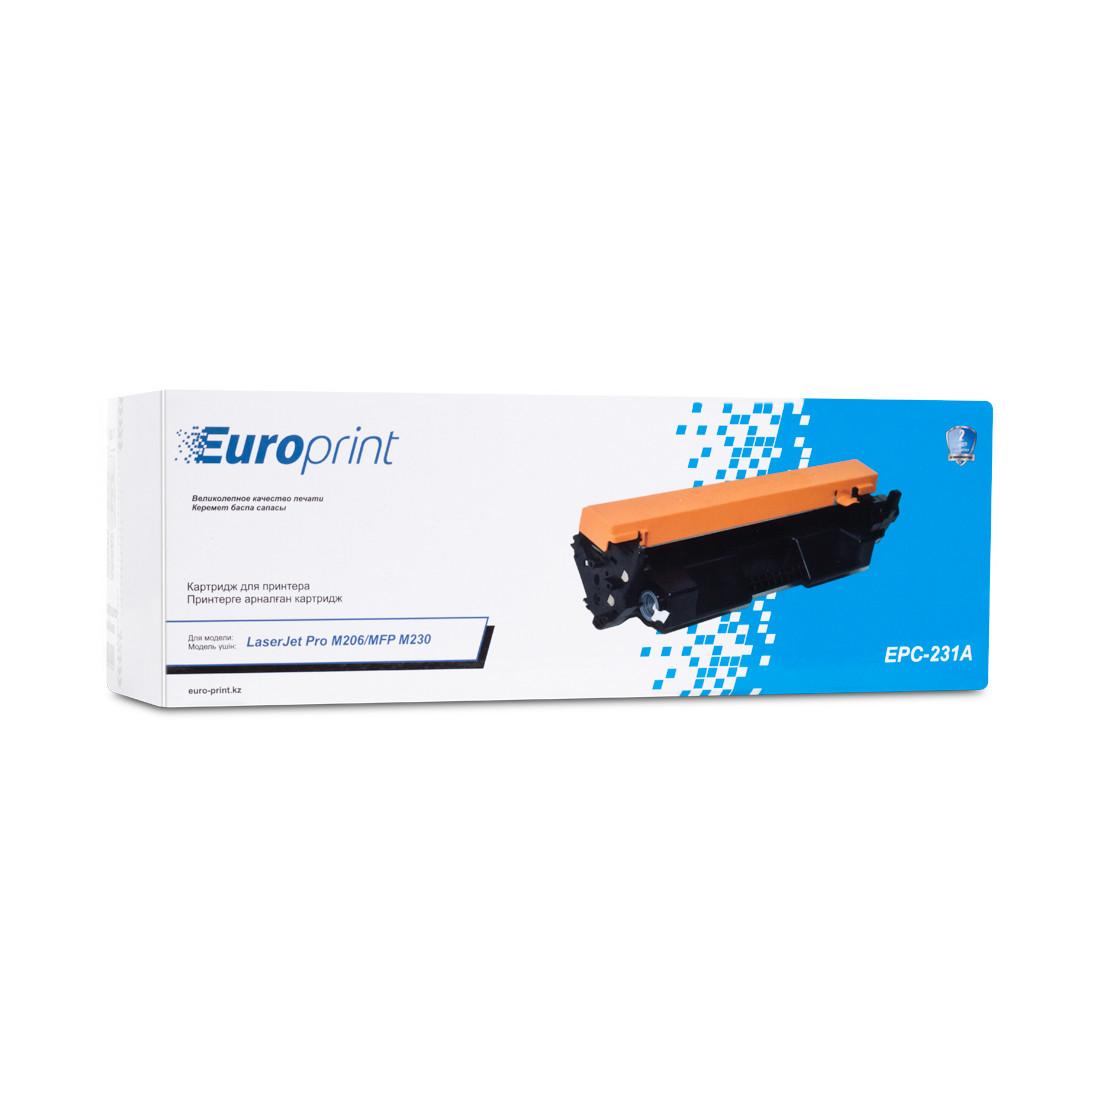 Картридж Europrint EPC-231A Black (5000 страниц)